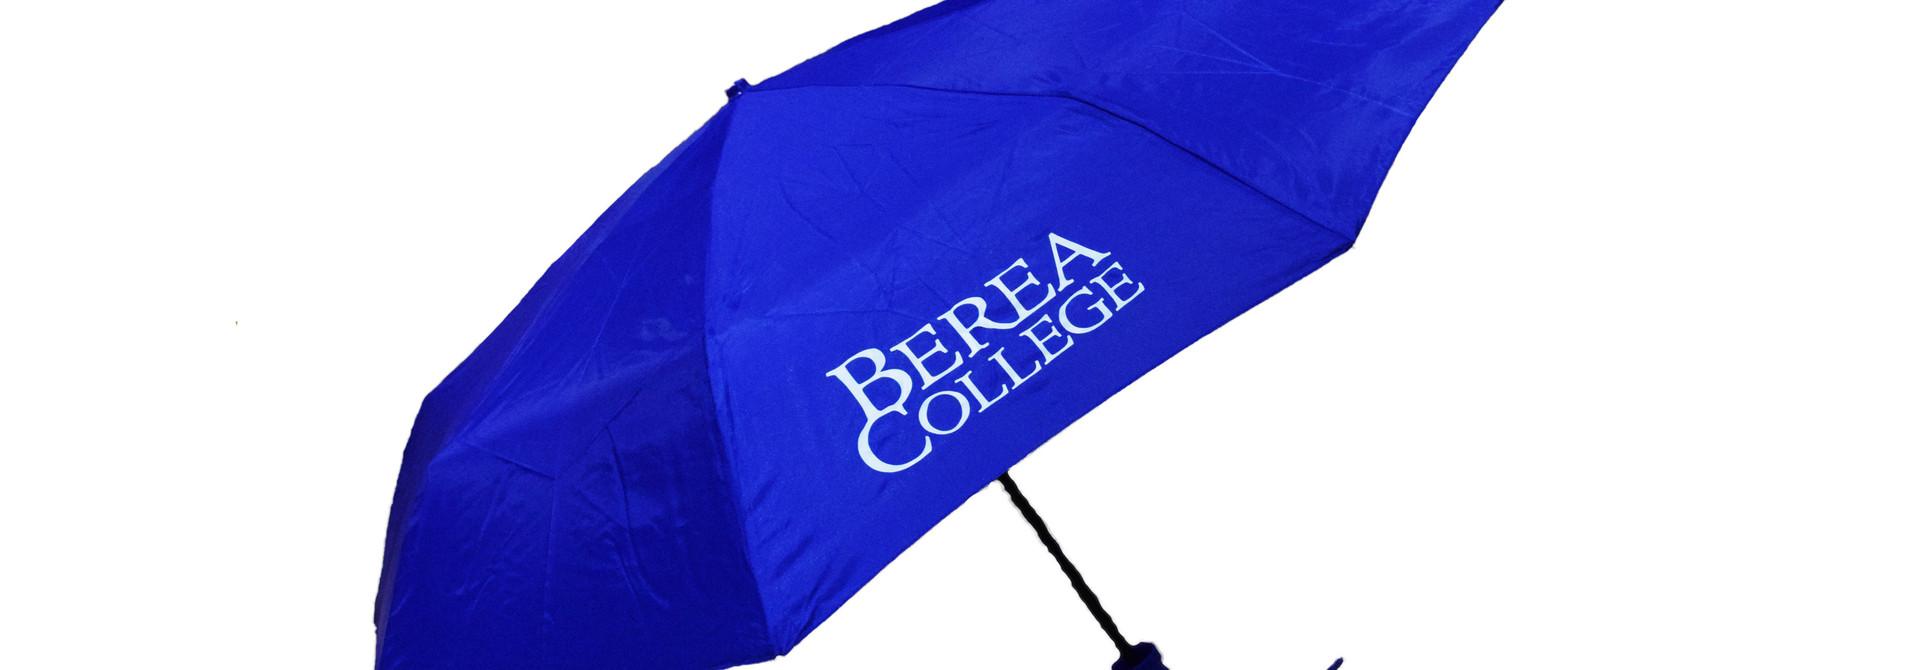 Berea College Mini Umbrella